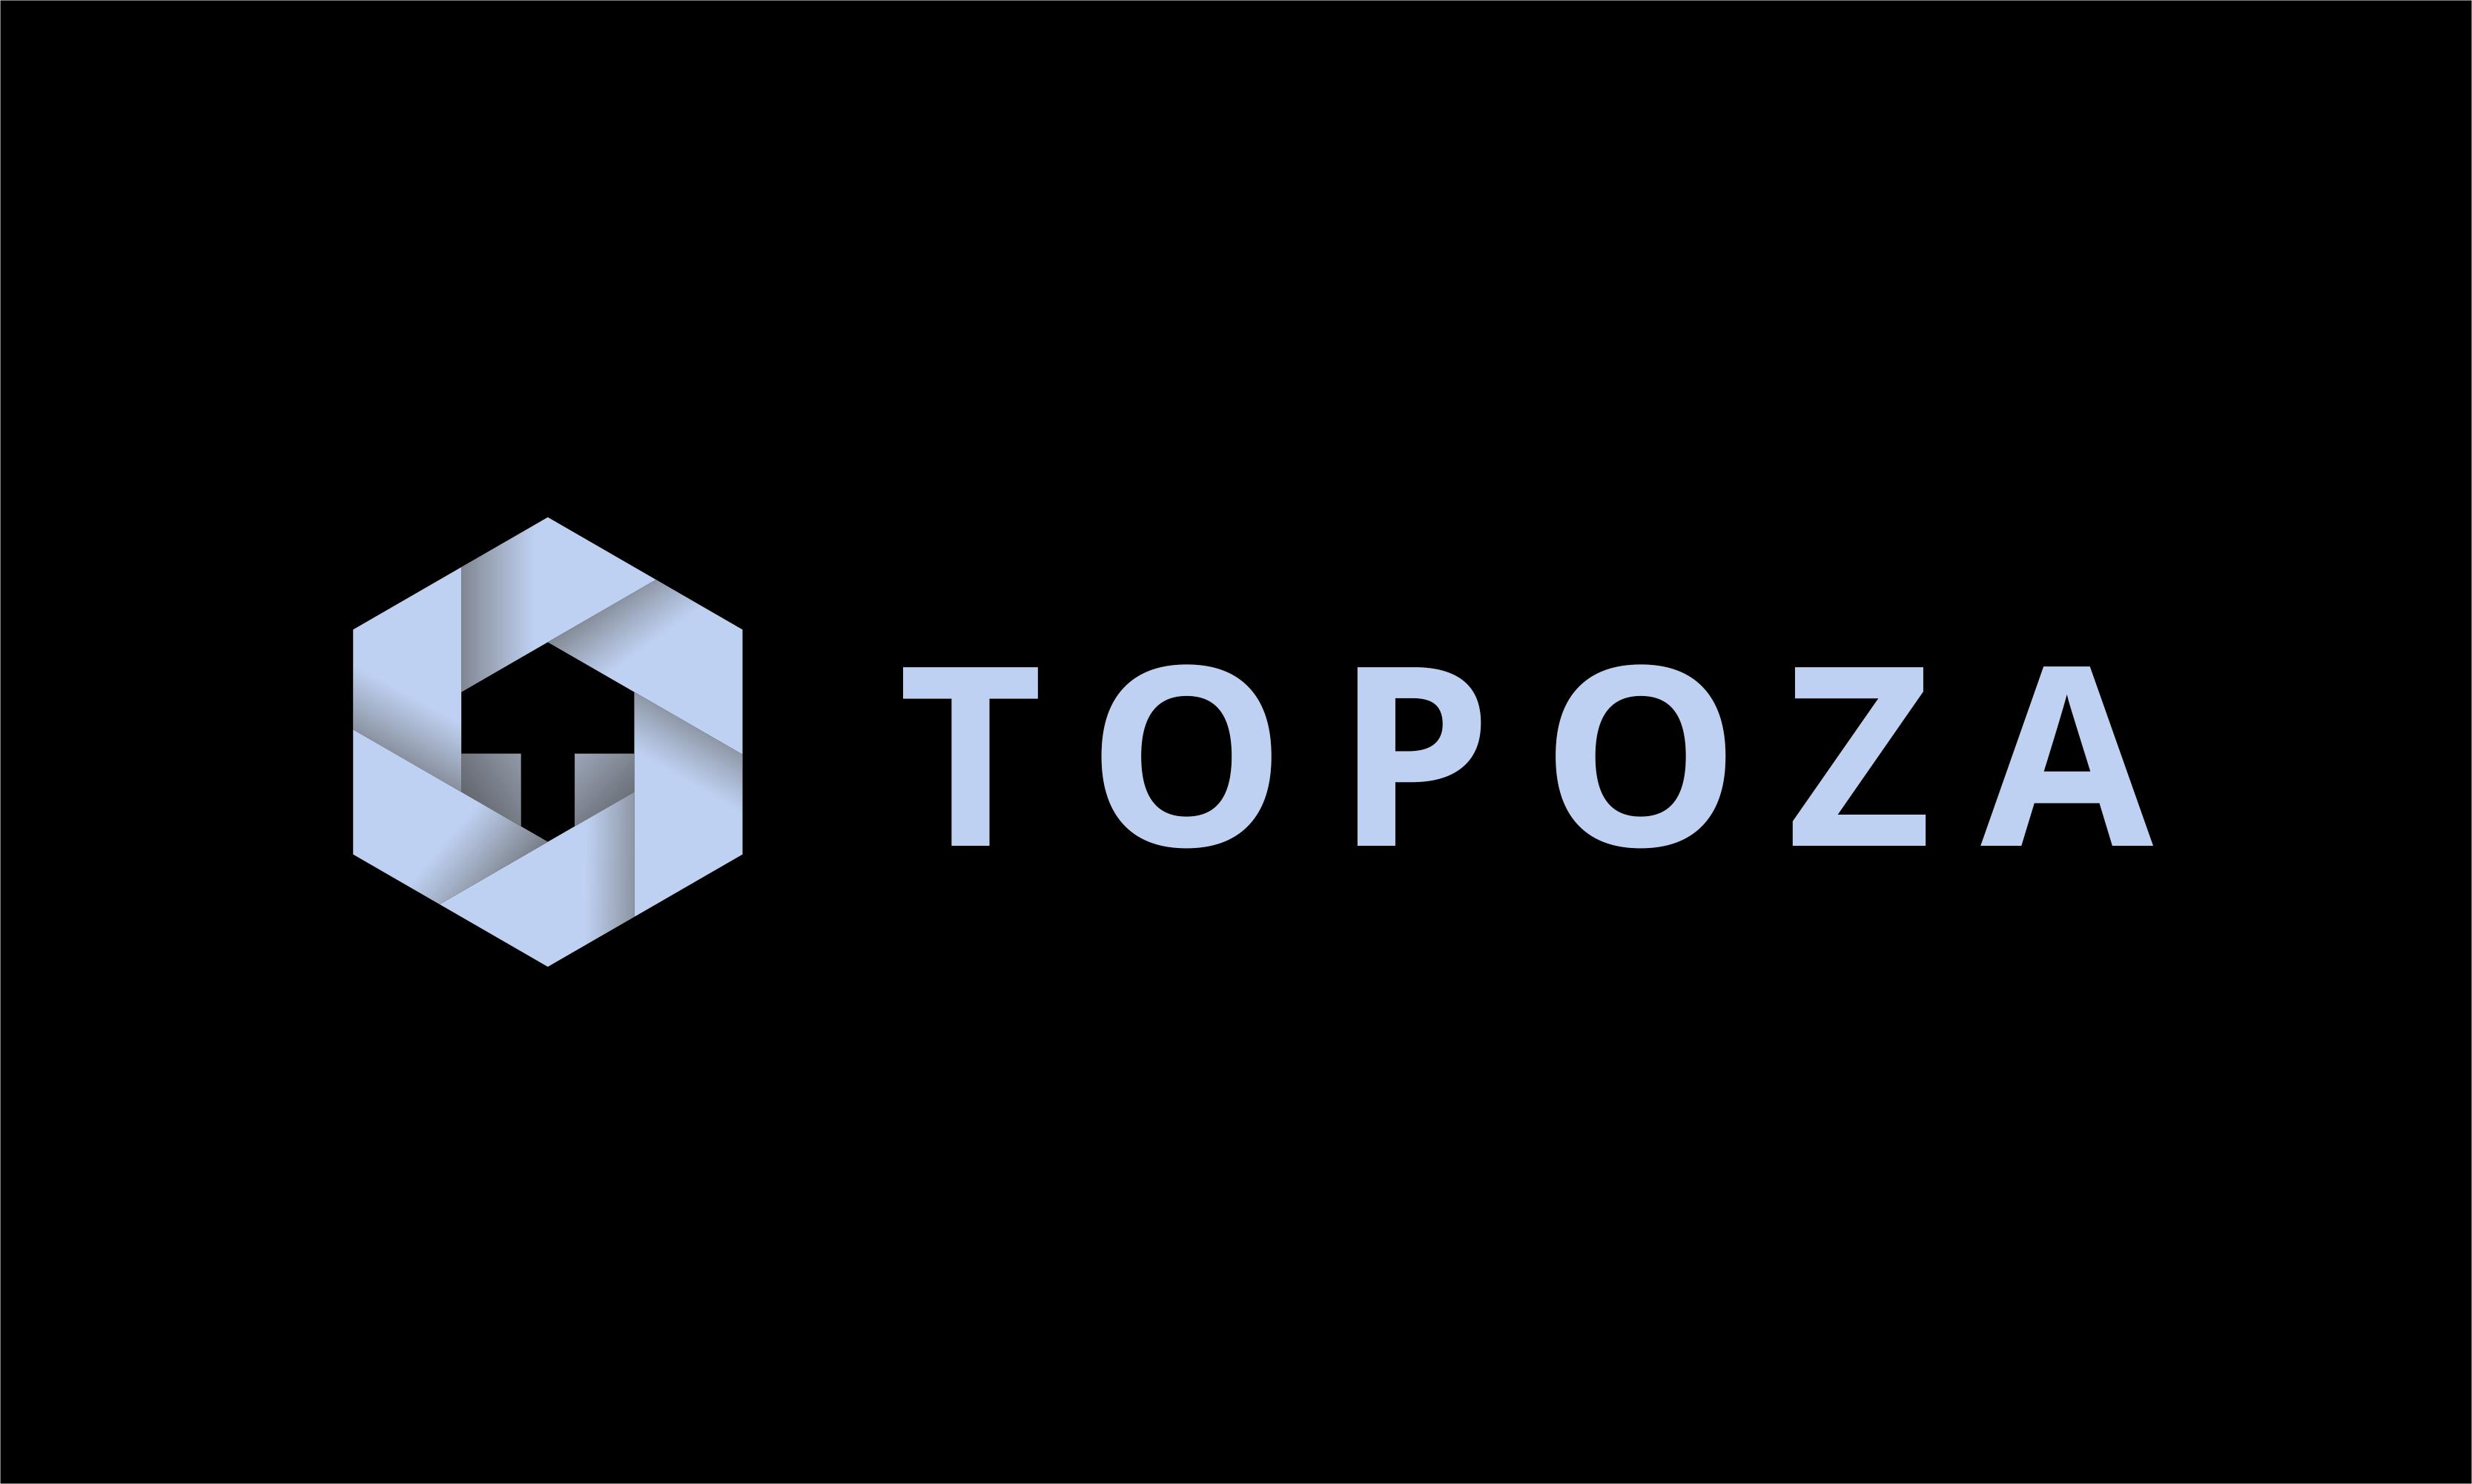 Topoza